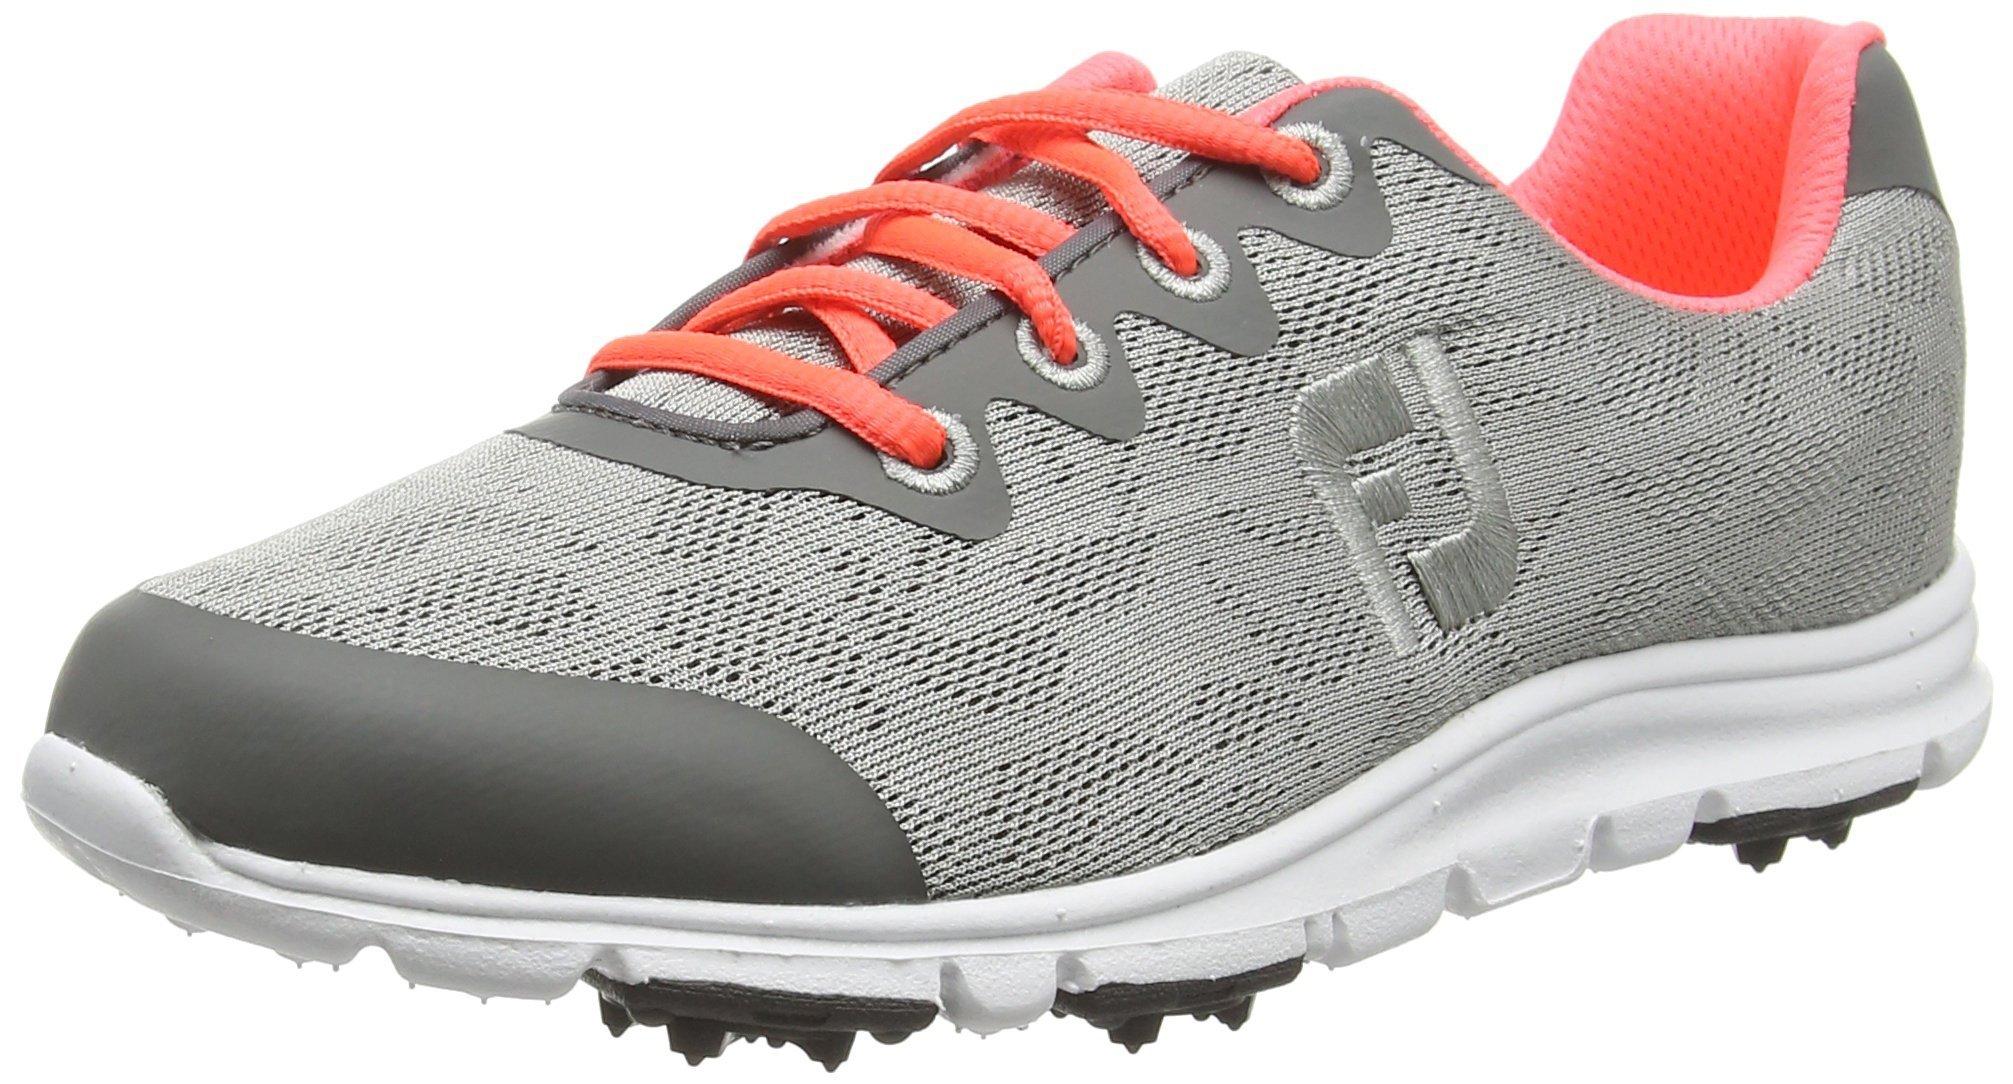 FootJoy enJoy Women's Golf Shoes 95703 Grey Mist - 7 MEDIUM